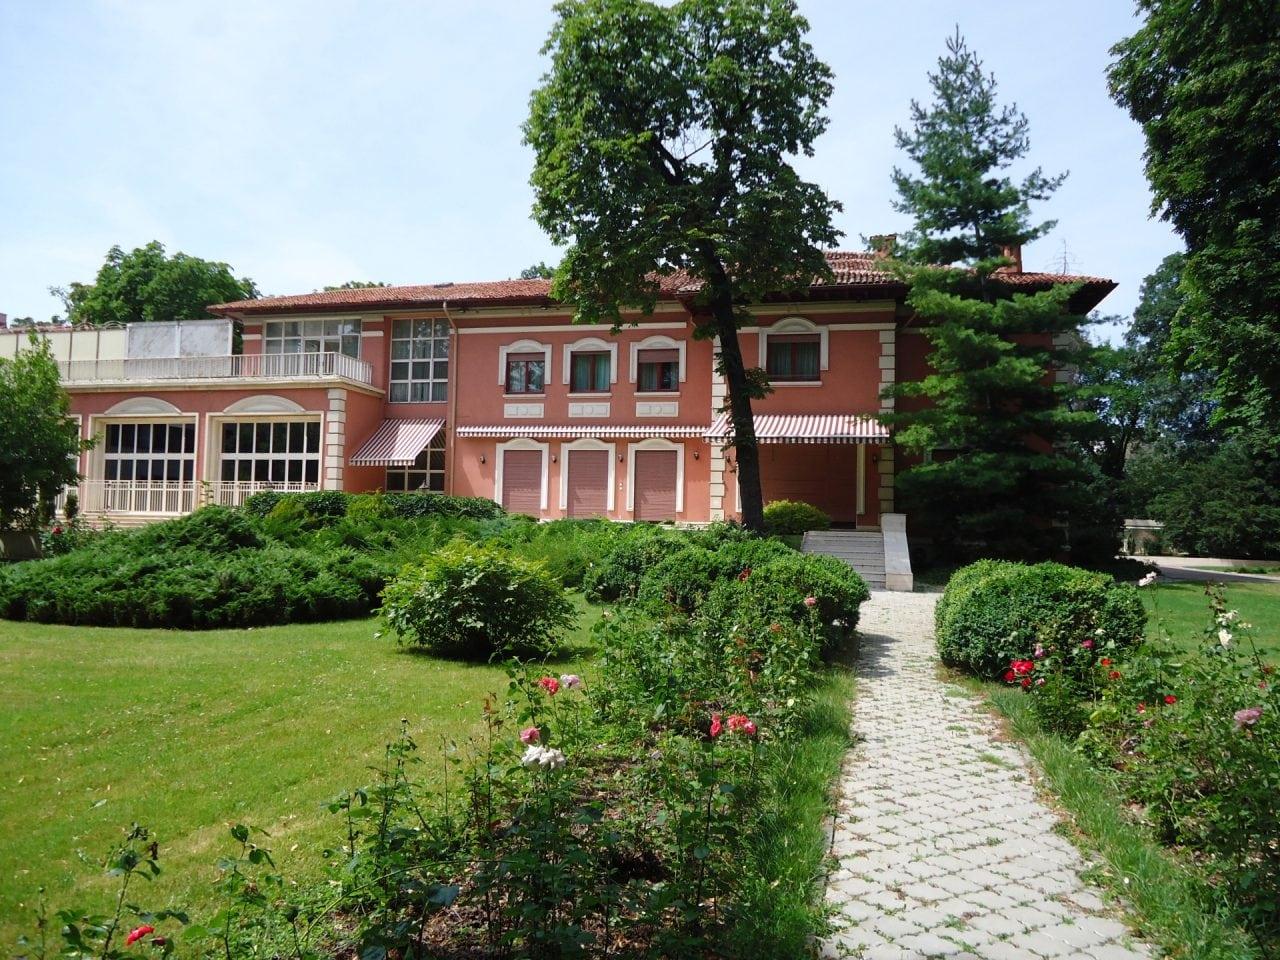 Vila 99 miliaone euro - Vanzarile locuintelor de lux au crescut spectaculos in ultimii cinci ani